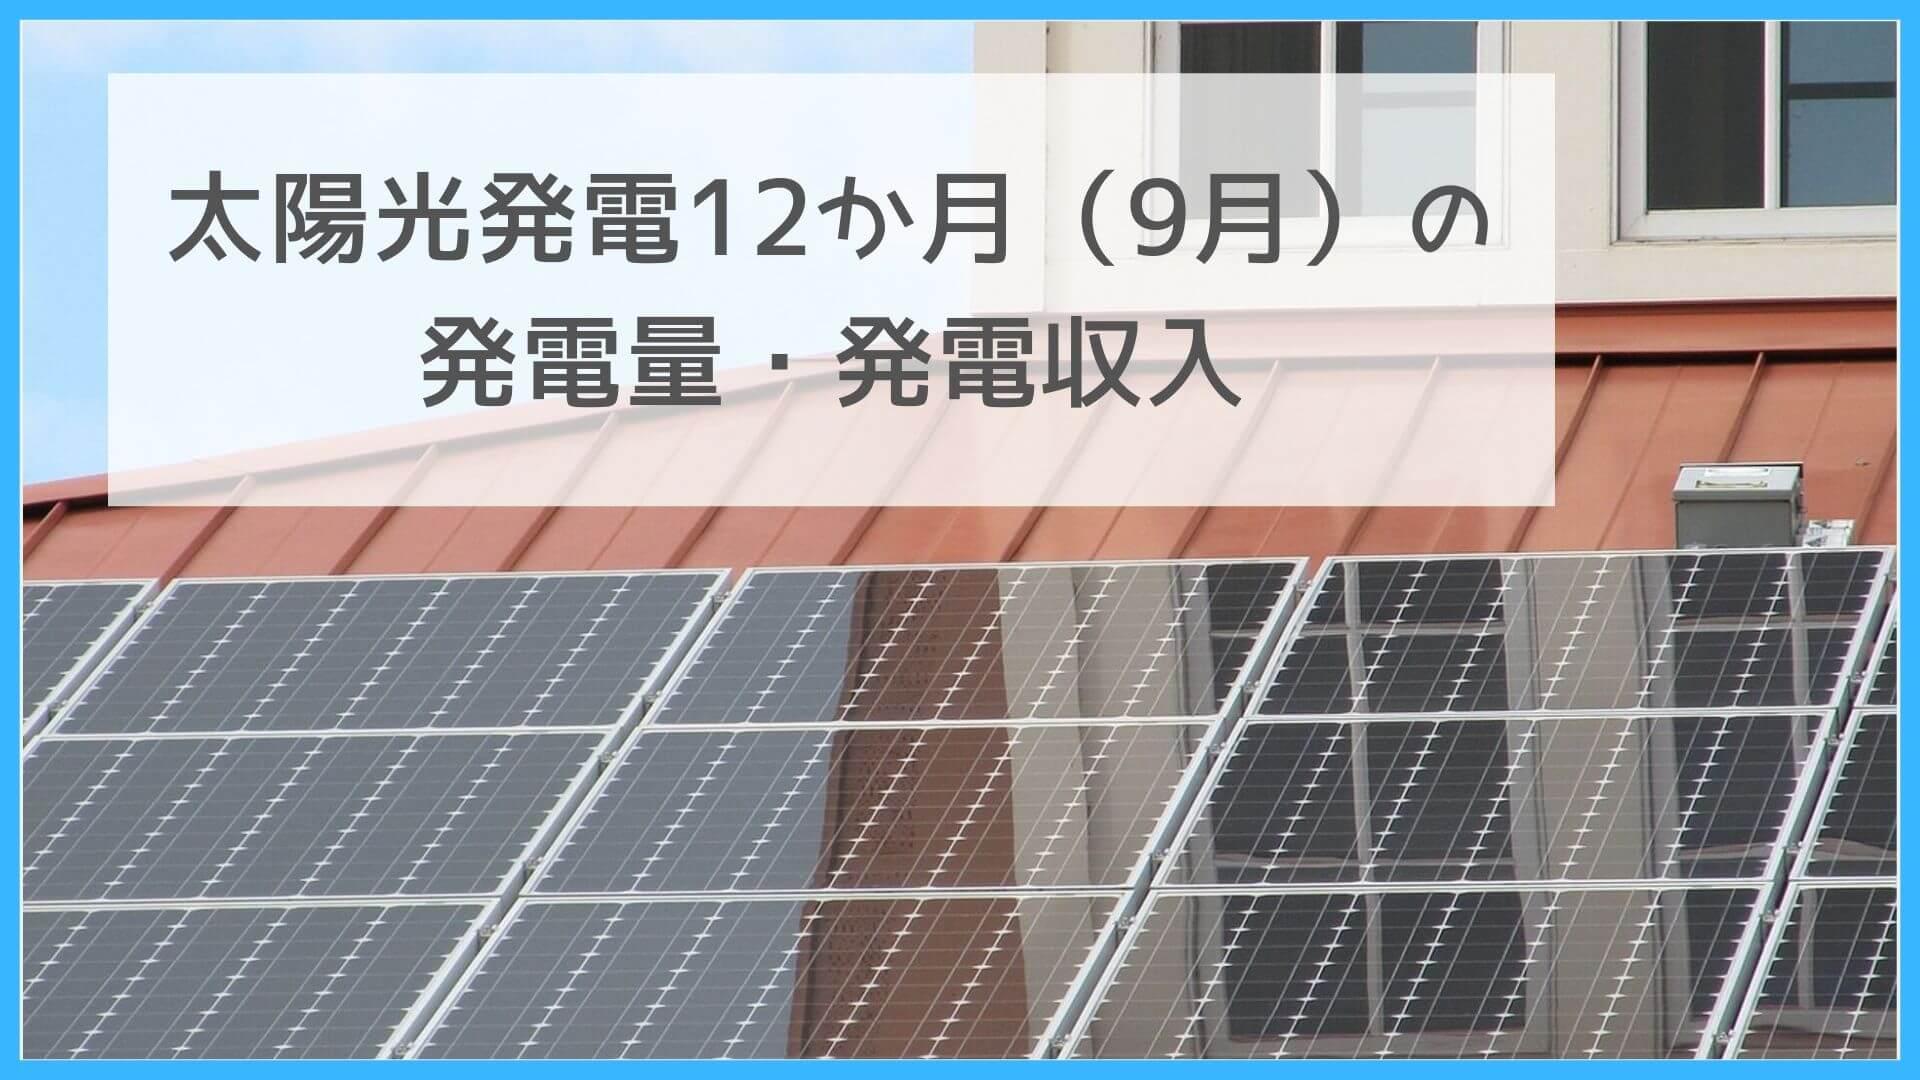 太陽光発電12か月(9月)の 発電量・発電収入